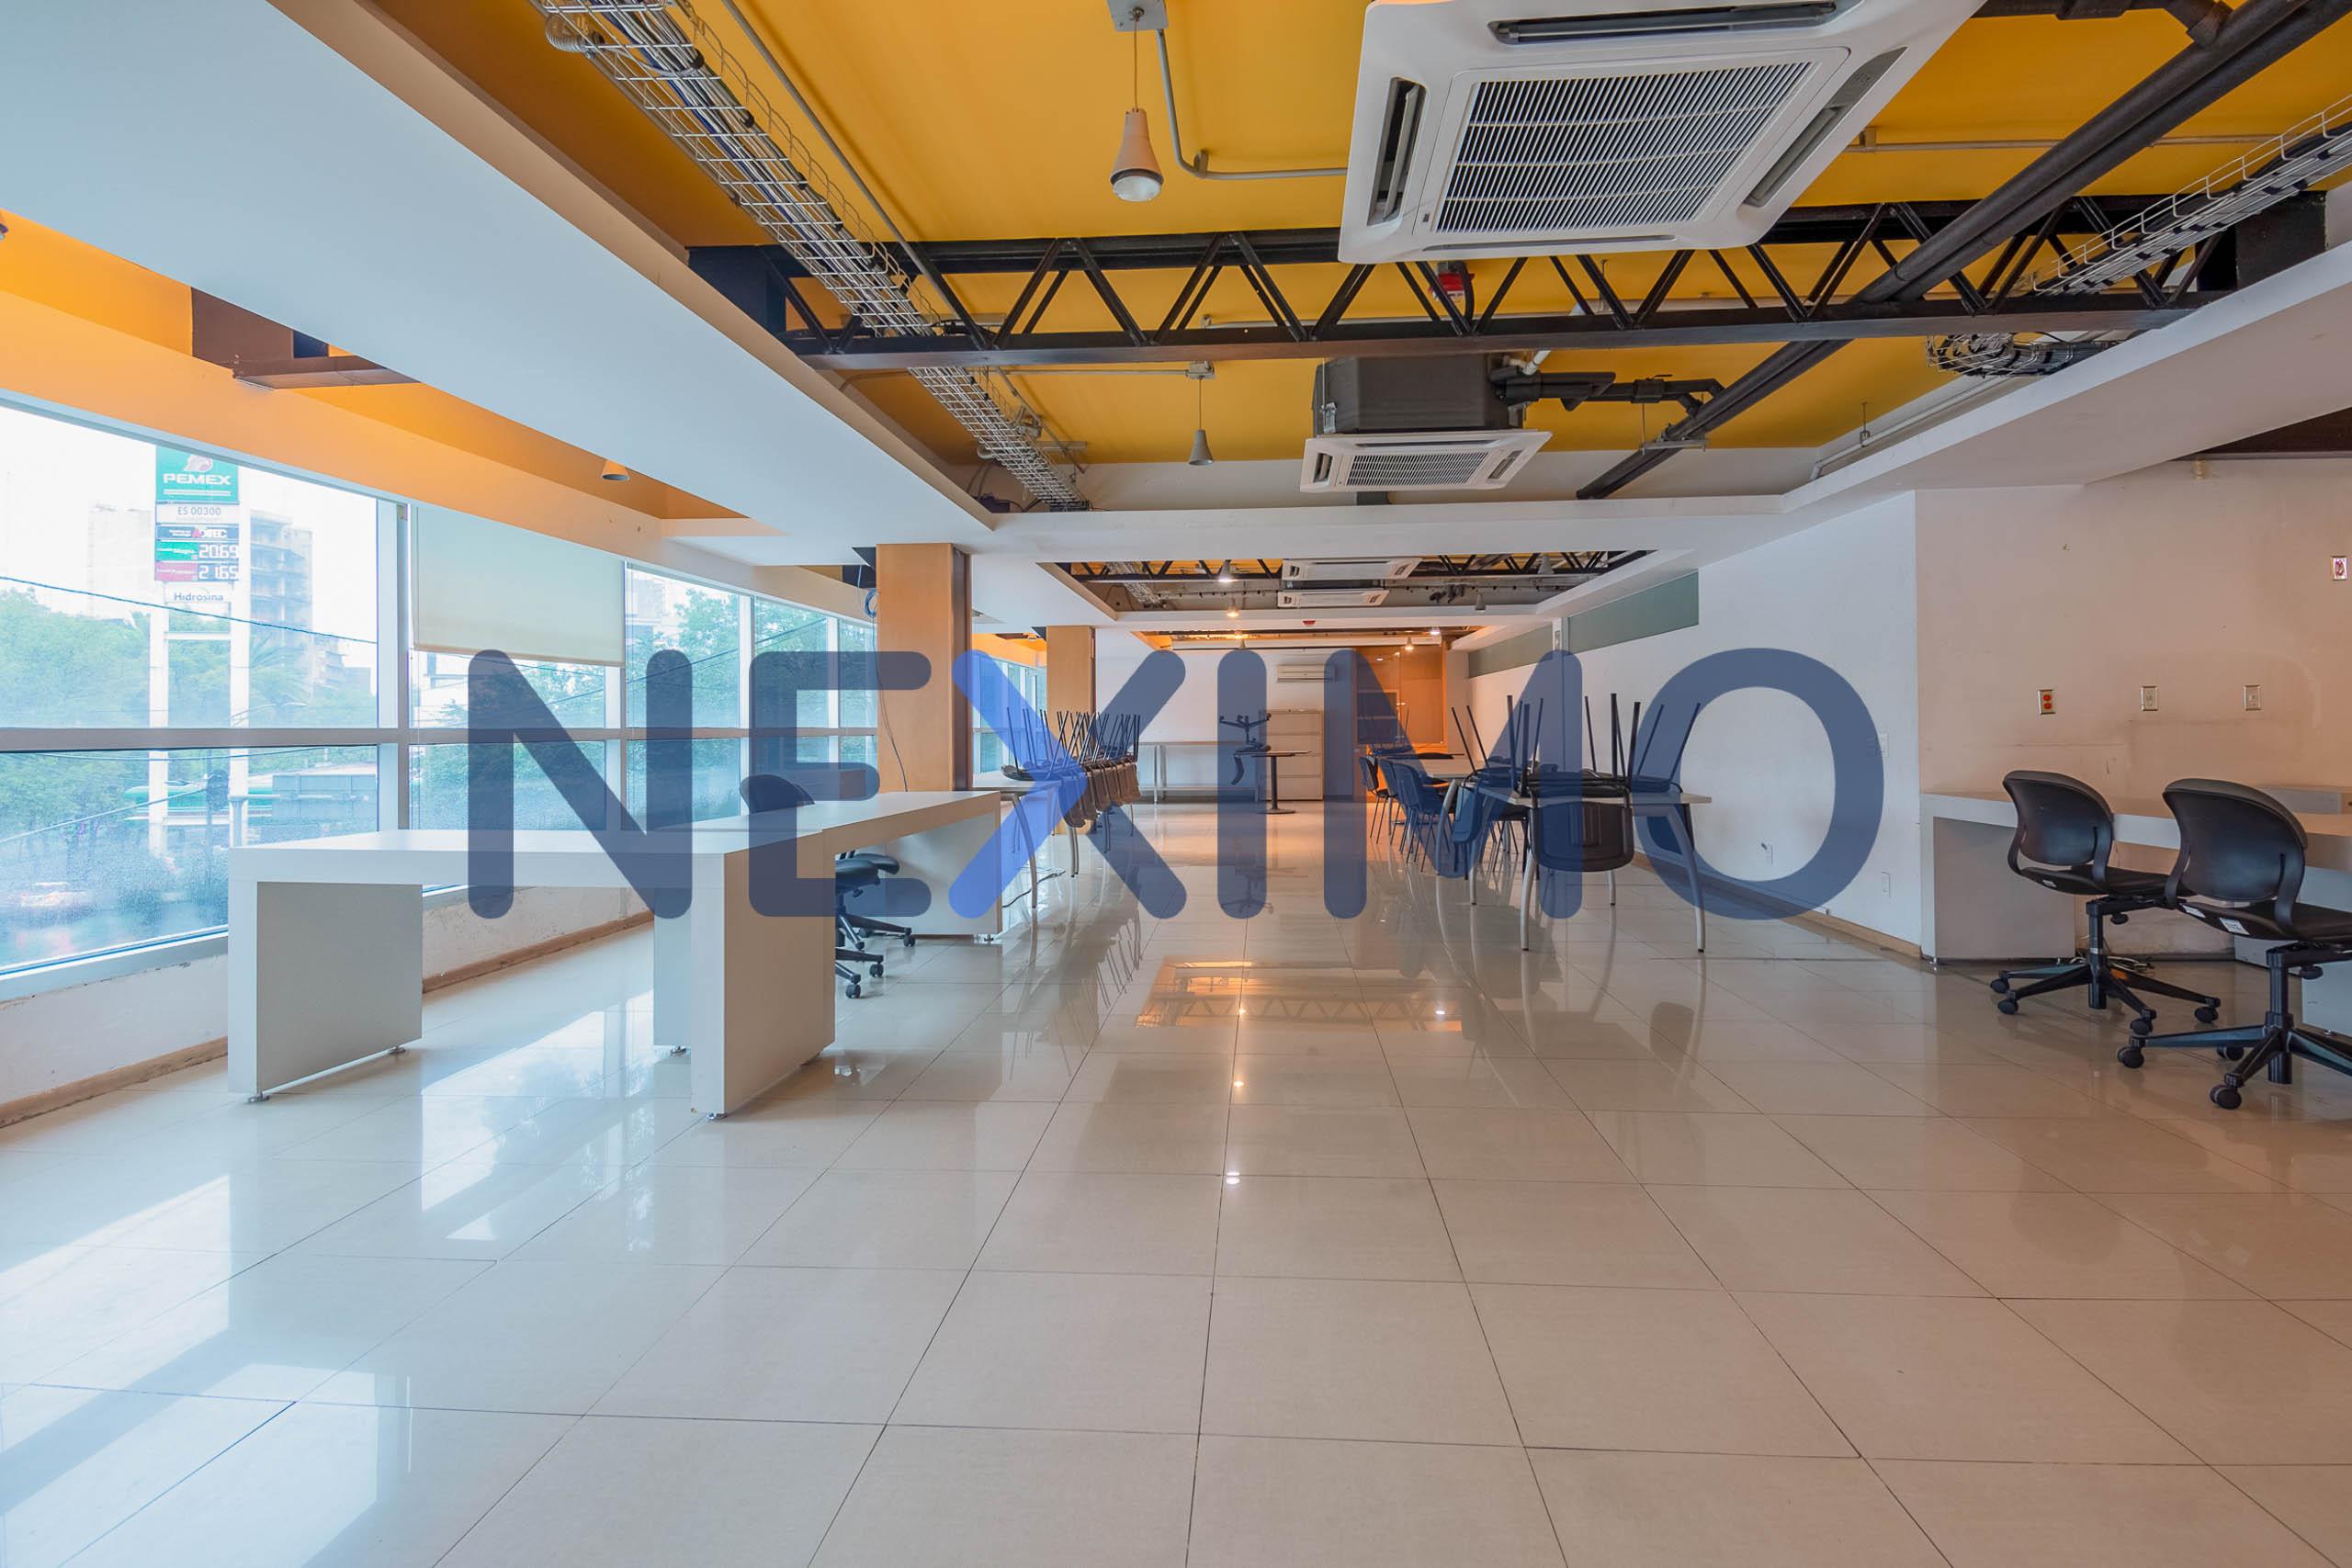 Oficina en Renta Piso Libre Edificio Corporativo Vías Rápidas de Comunicación